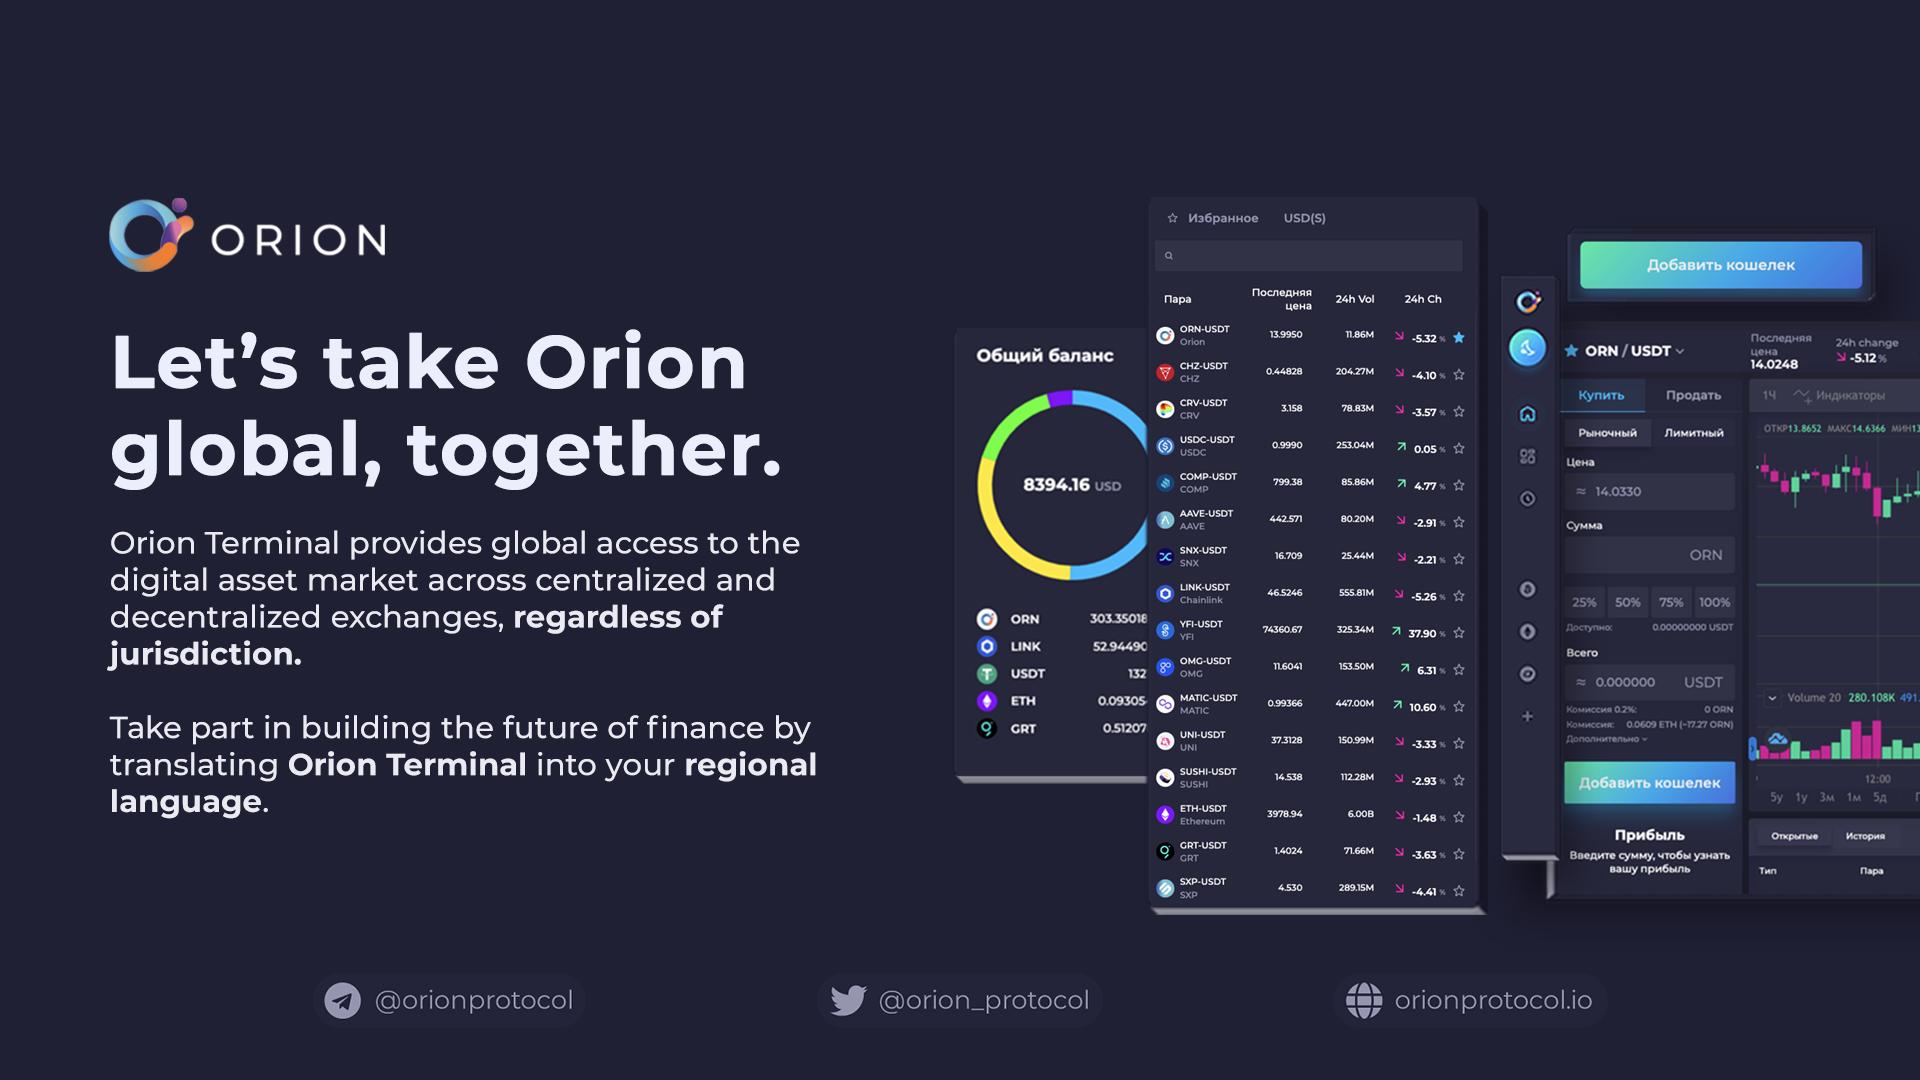 Let's take Orion global, together.